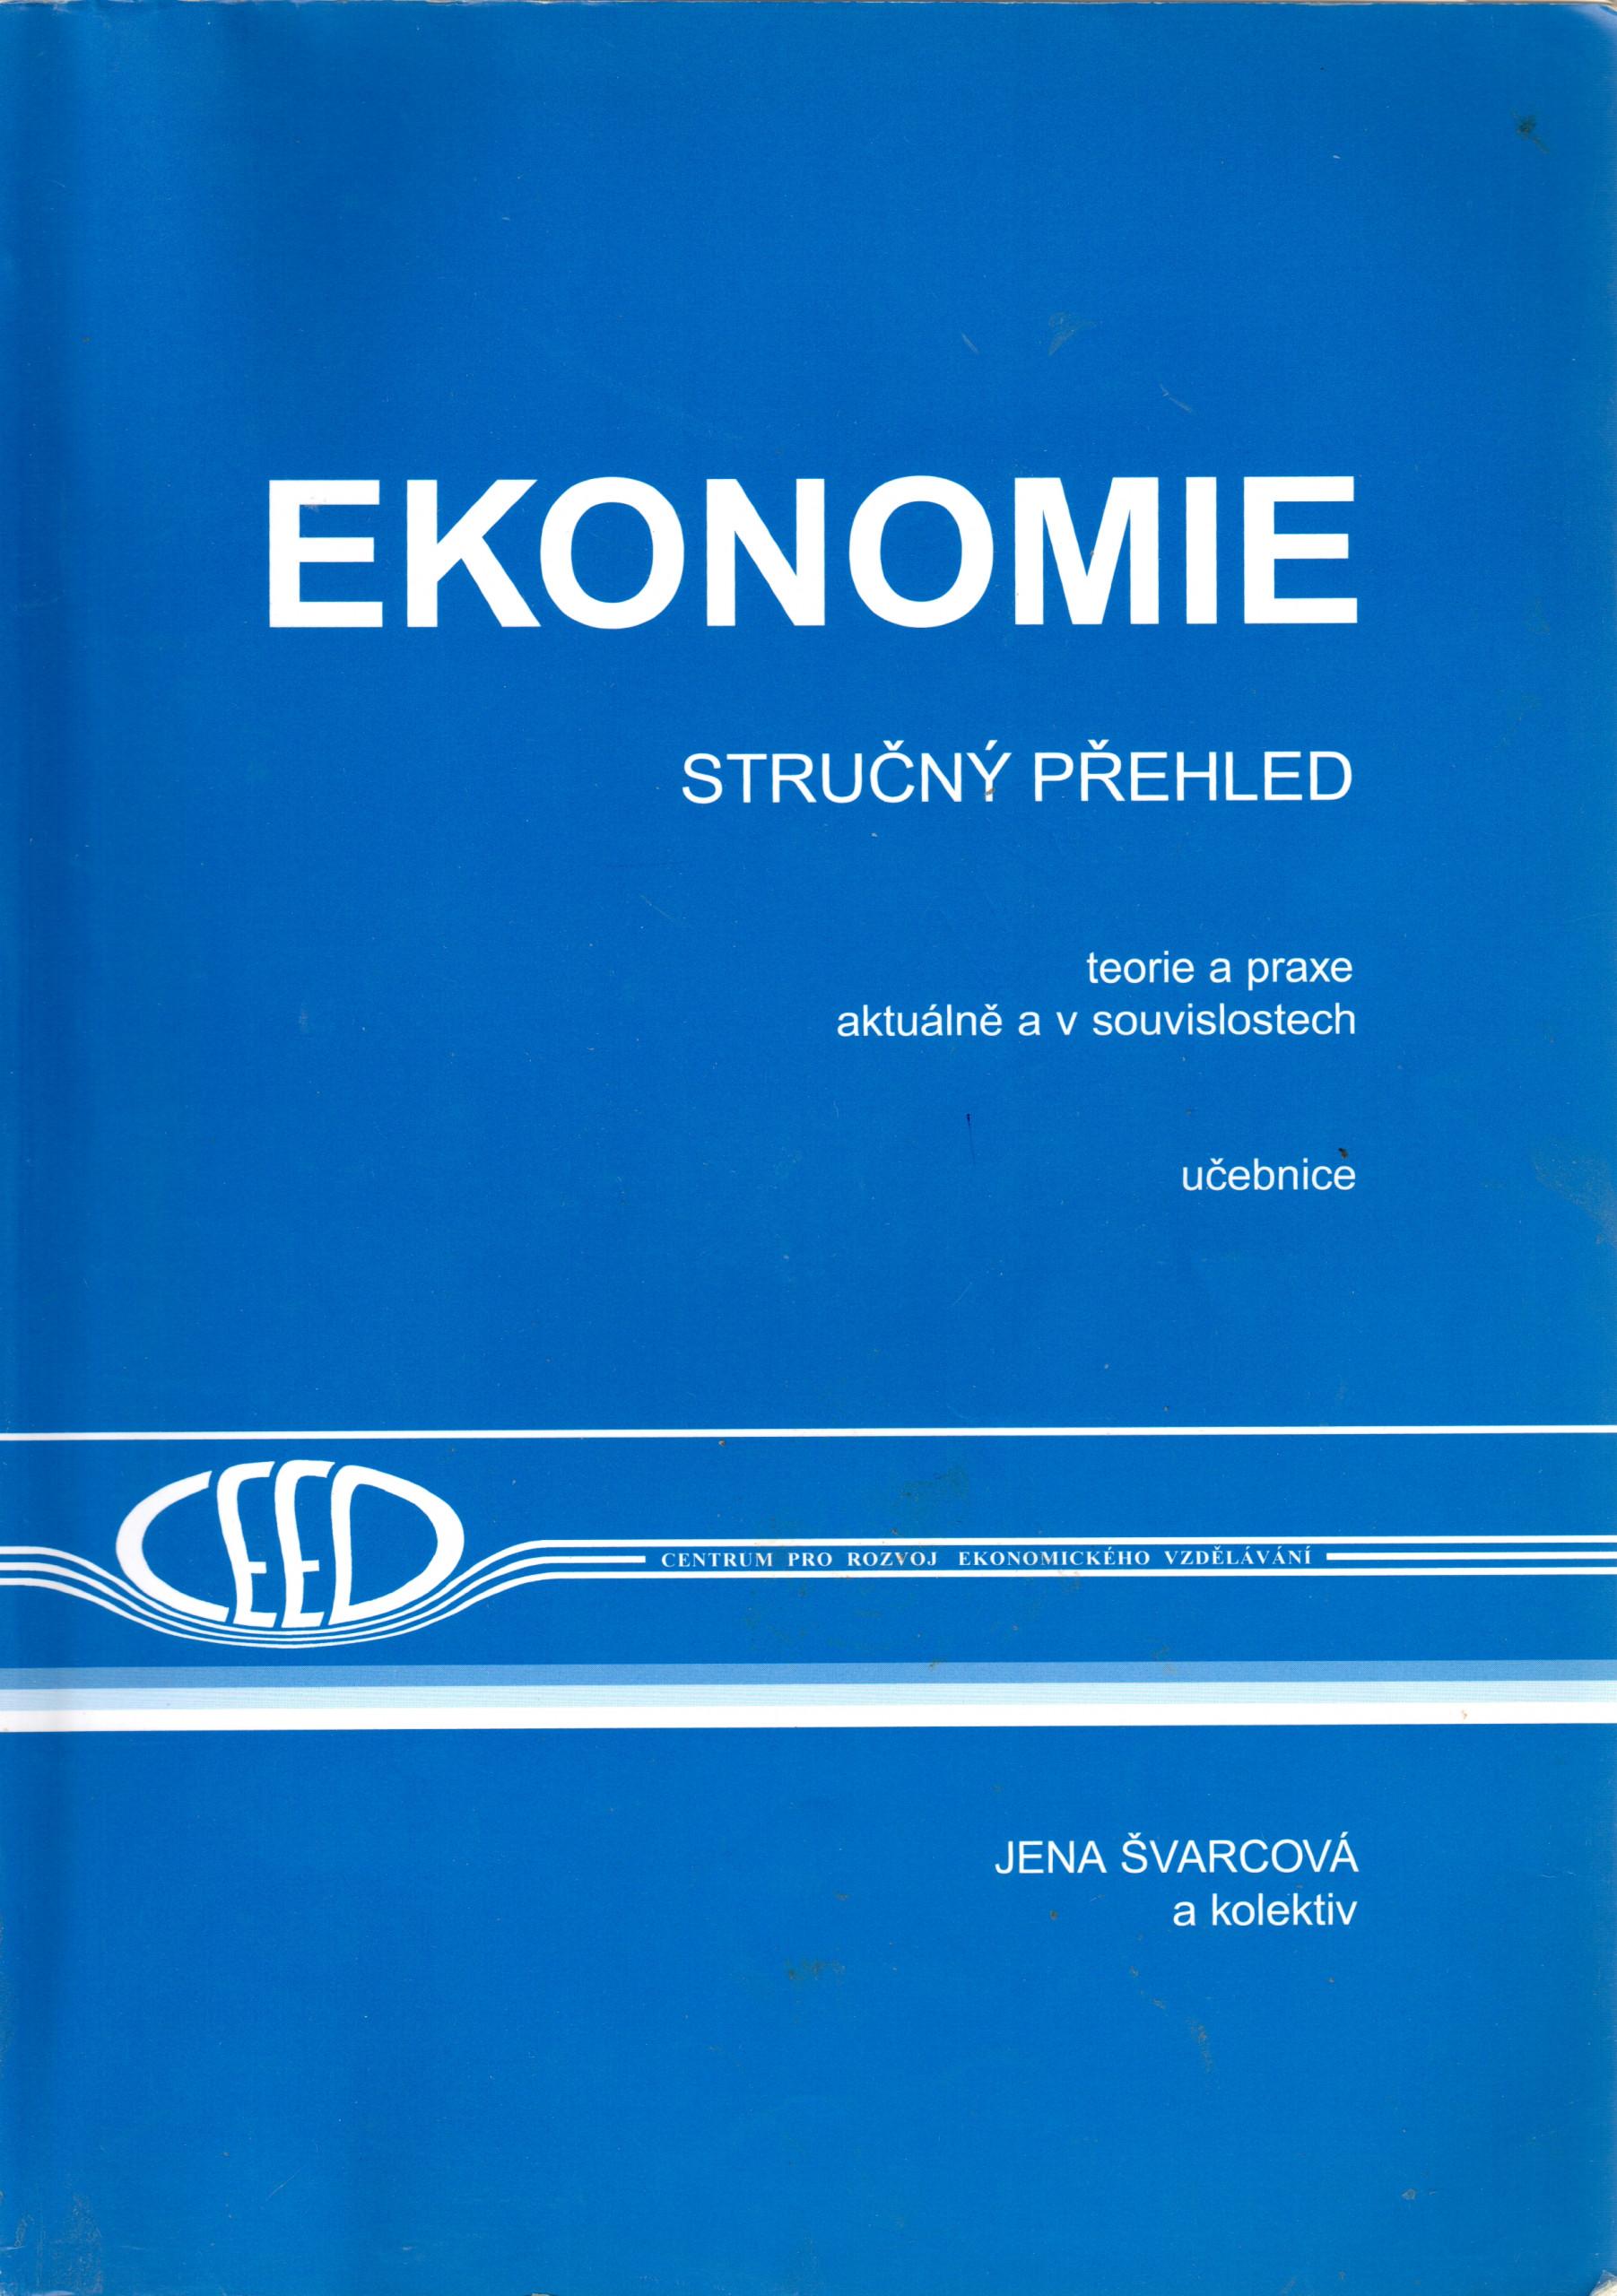 Ekonomie - stručný přehled, teorie a praxe aktuálně a v souvislostech - Náhled učebnice